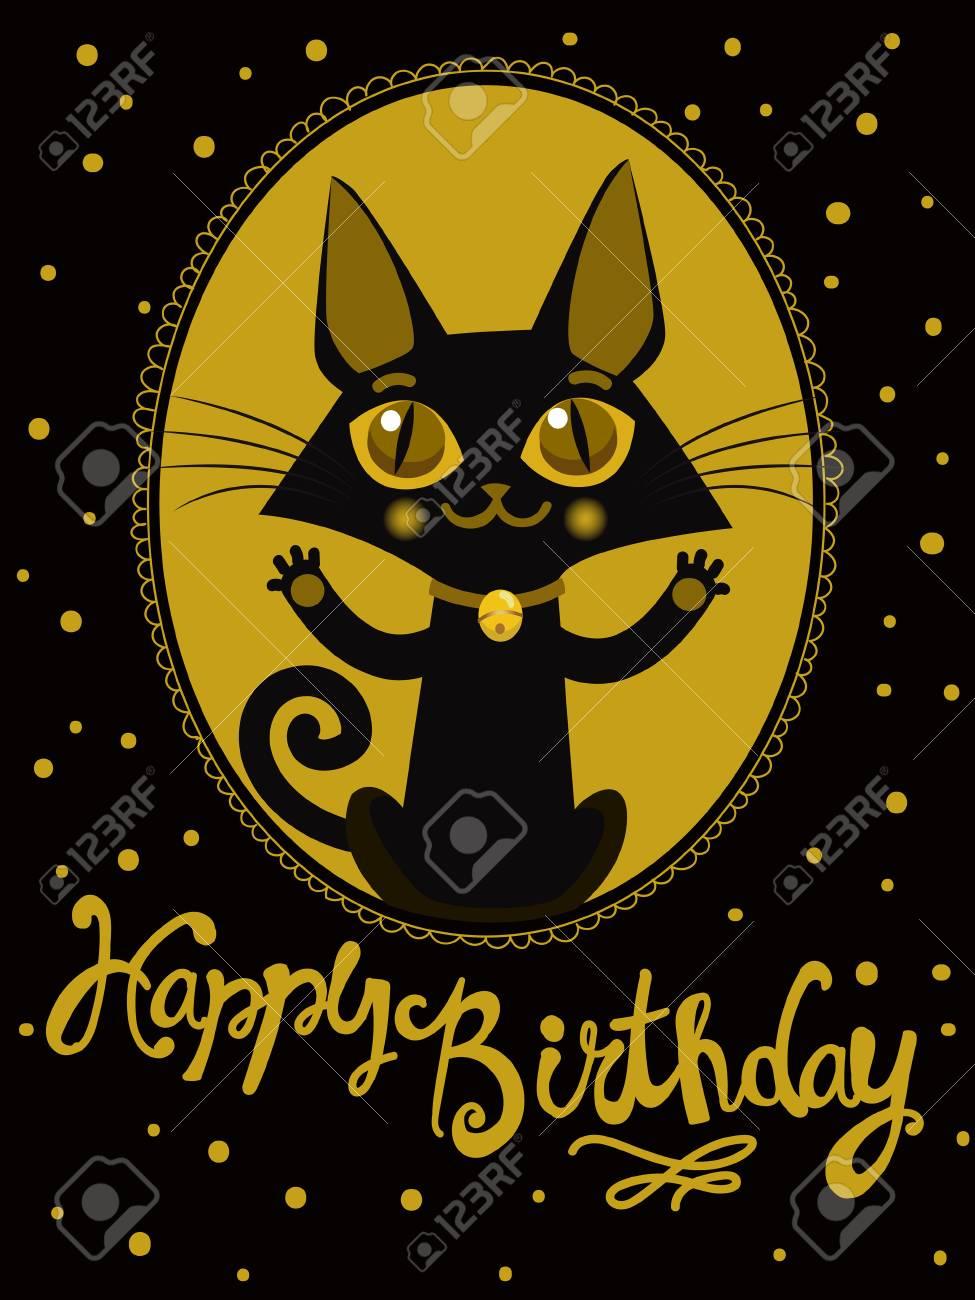 Alles Gute Zum Geburtstag Wunschen Handdrawn Beschriftung